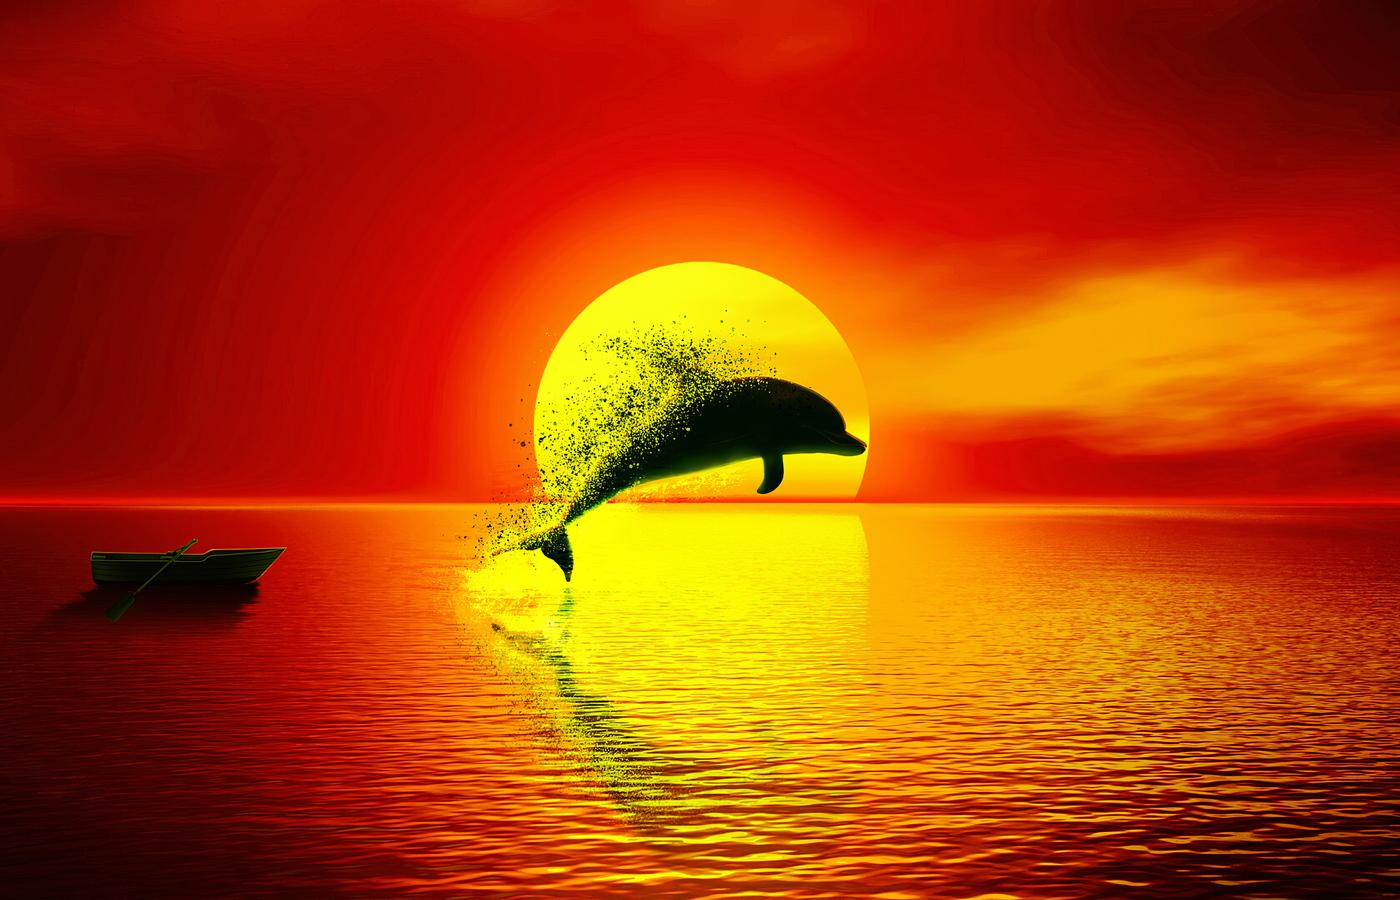 dolphin-dispersion-sunset-4k-om.jpg